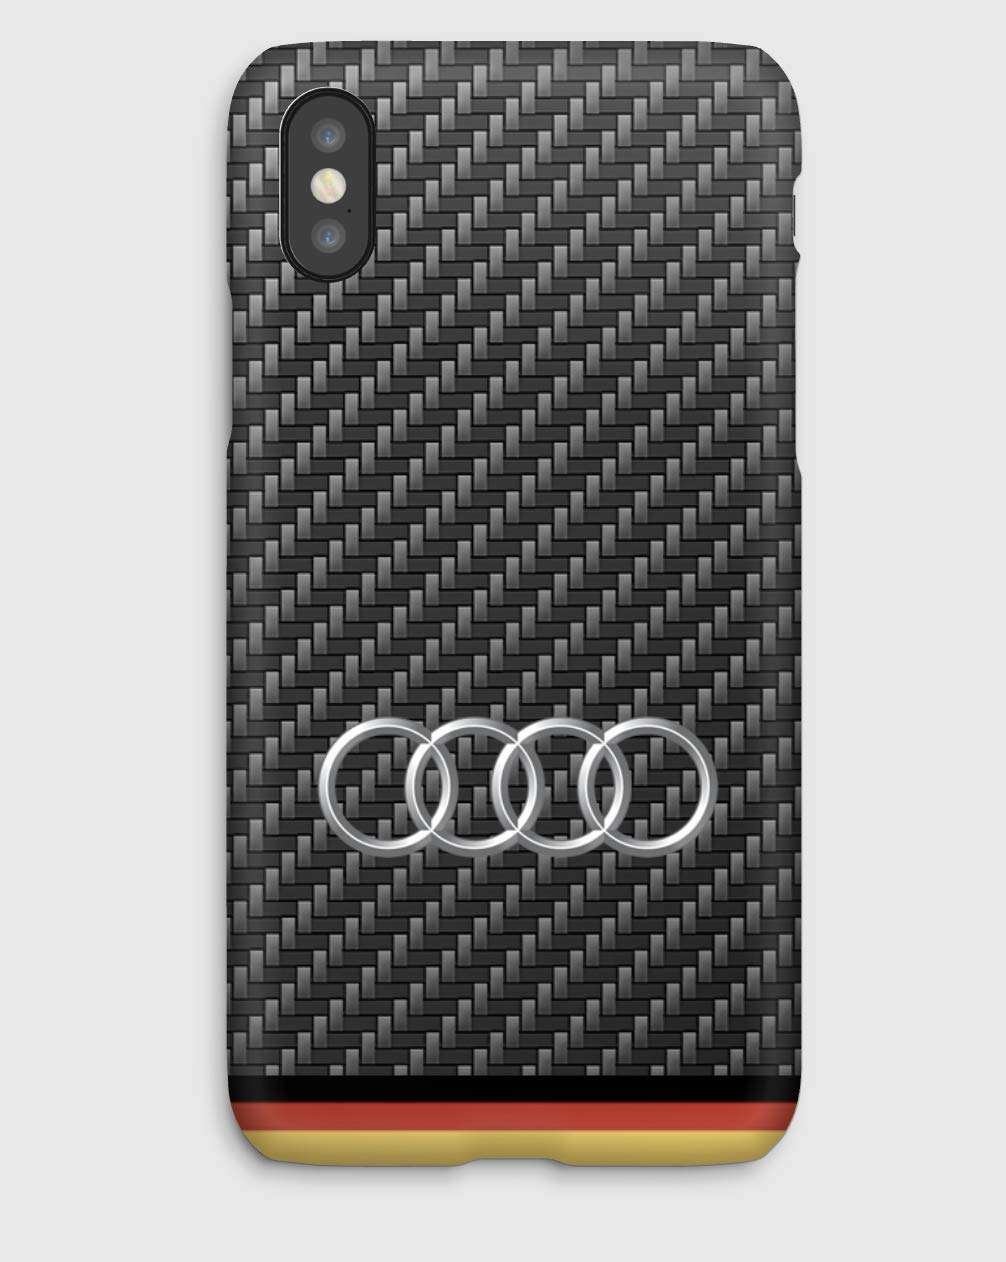 Carbon Audi Funda para el iPhone XS, XS Max, XR, X, 8, 8+, 7, 7+, 6S, 6, 6S+, 6+, 5C, 5, 5S, 5SE, 4S, 4,